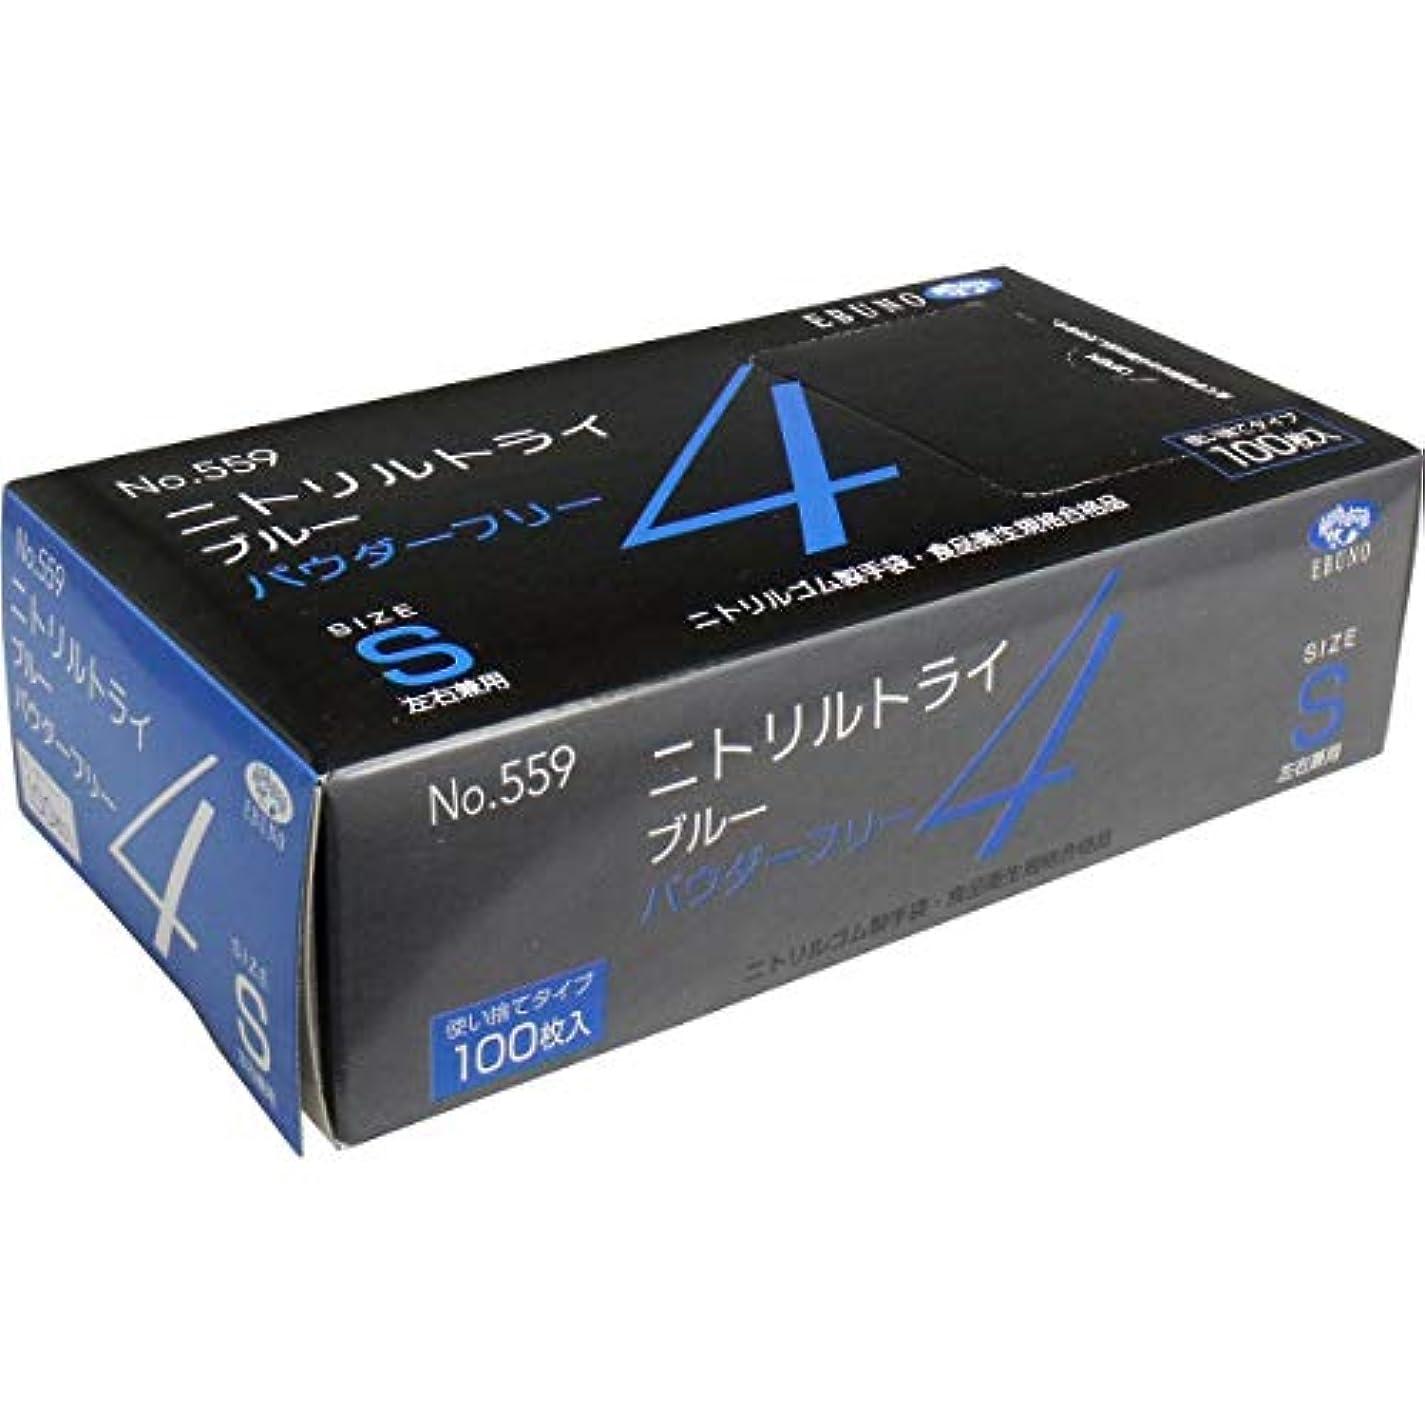 かけがえのないパシフィック誕生ニトリルトライ4 手袋 ブルー パウダーフリー Sサイズ 100枚入×2個セット